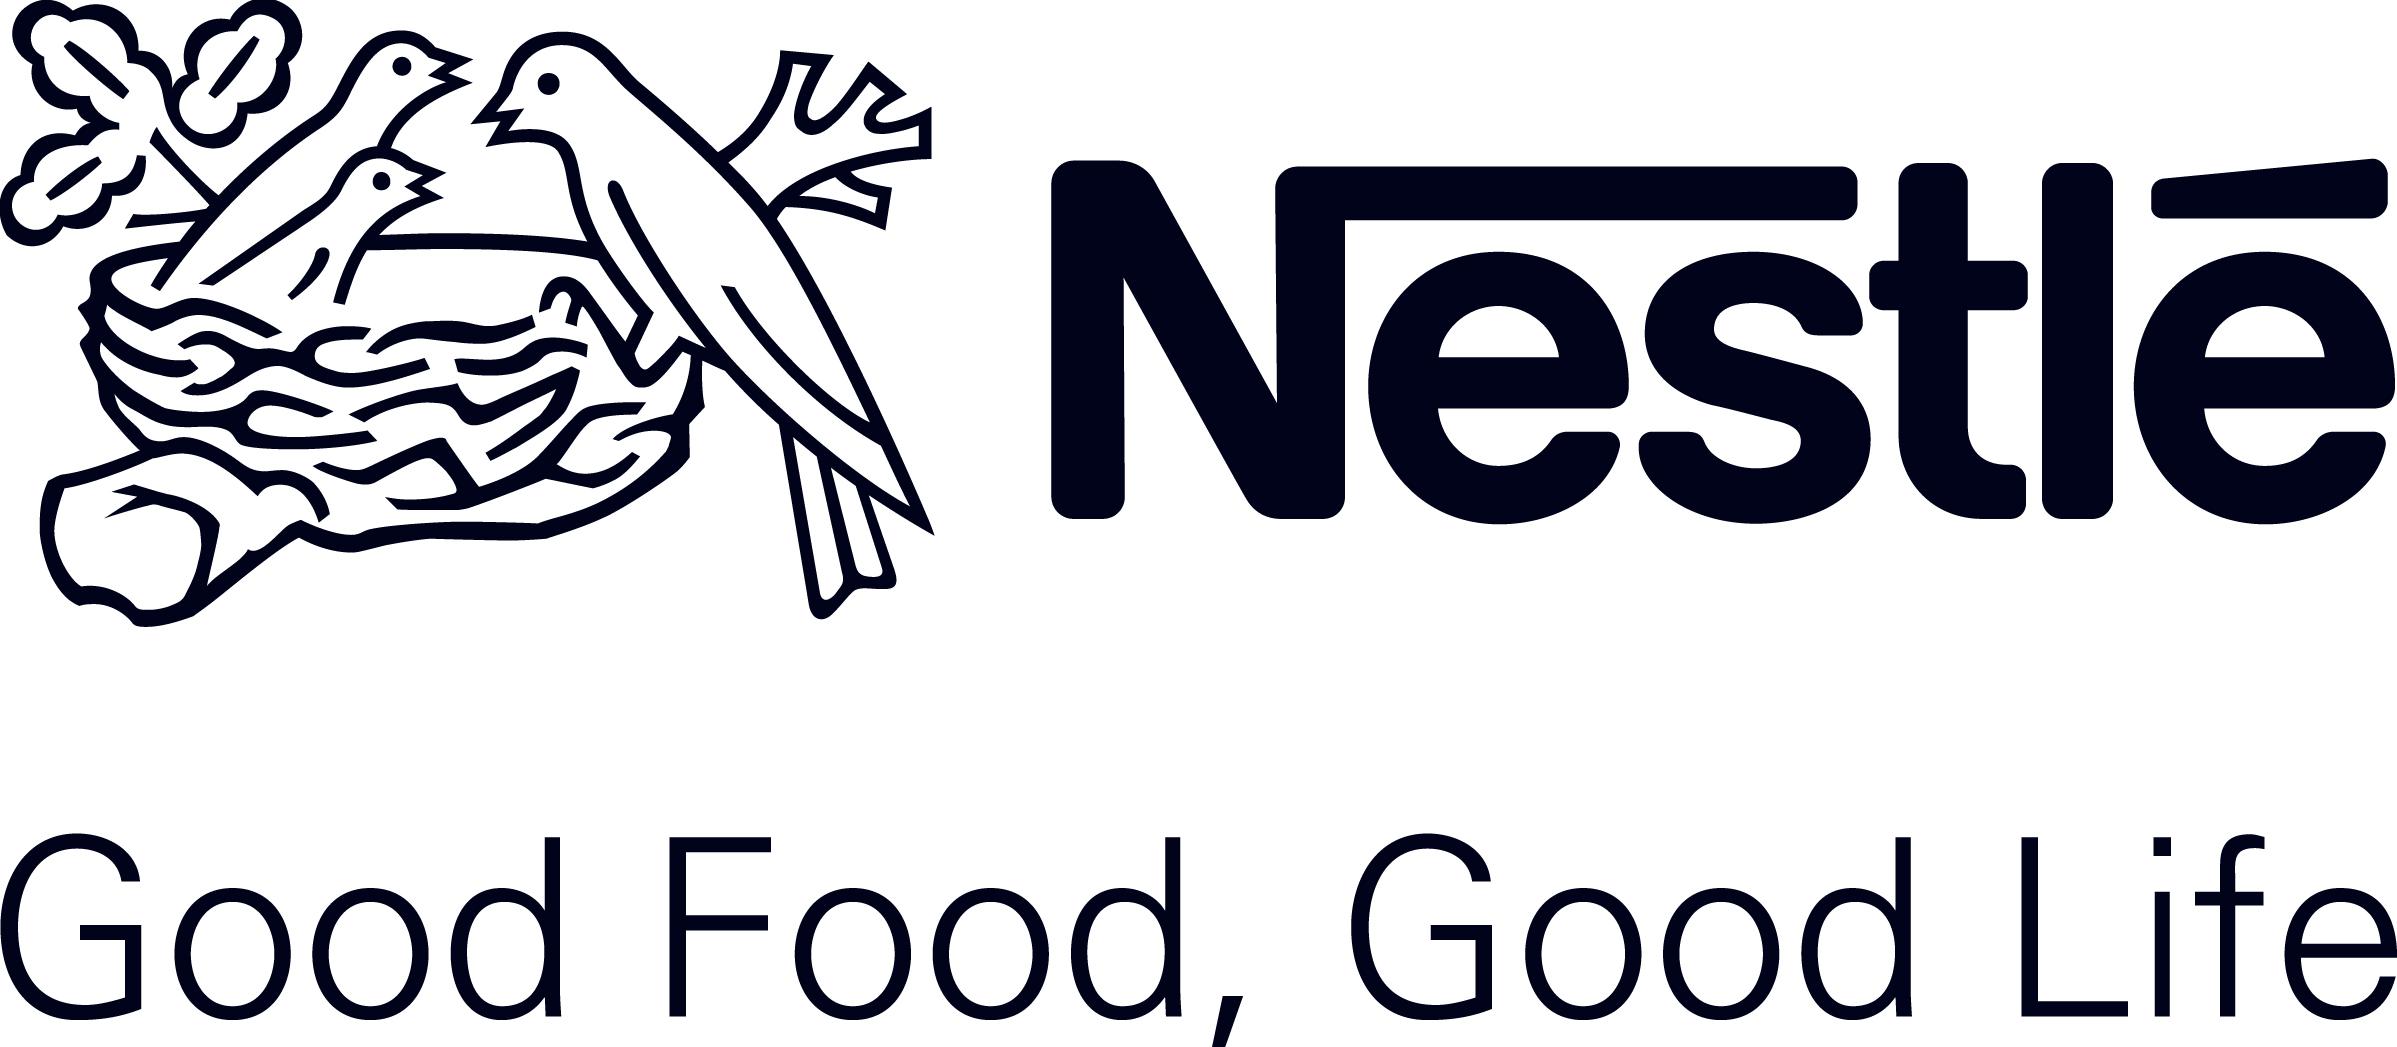 Nestle Wallpaper 16   2397 X 1047 stmednet 2397x1047